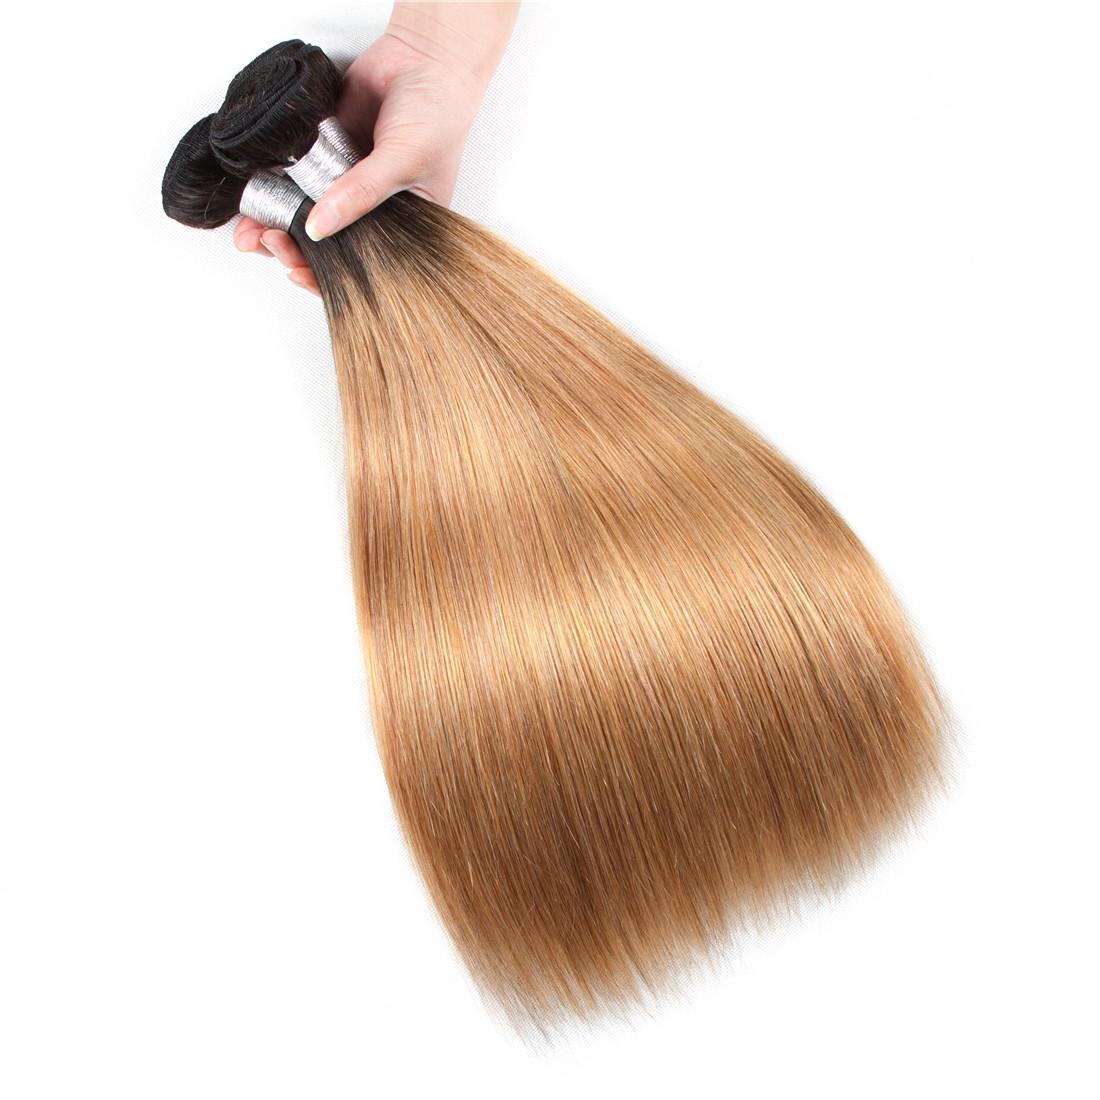 شقراء البرازيلي مستقيم نسج الشعر حزم أومبير 3/4 حزم اثنين من لهجة 1b 27 الشعر النسيج 100٪ لحمة الشعر البشري 12-26 بوصة